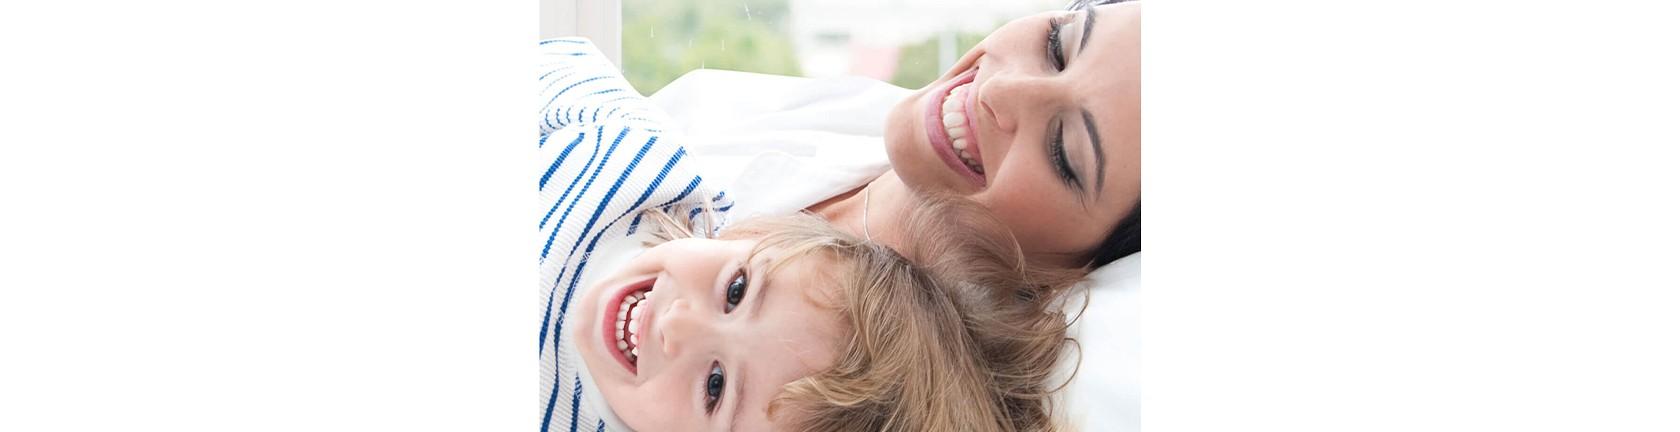 Eine Mutter mit ihrem kleinen Sohn, beide liegen auf dem Rücken und lachen herzlich.